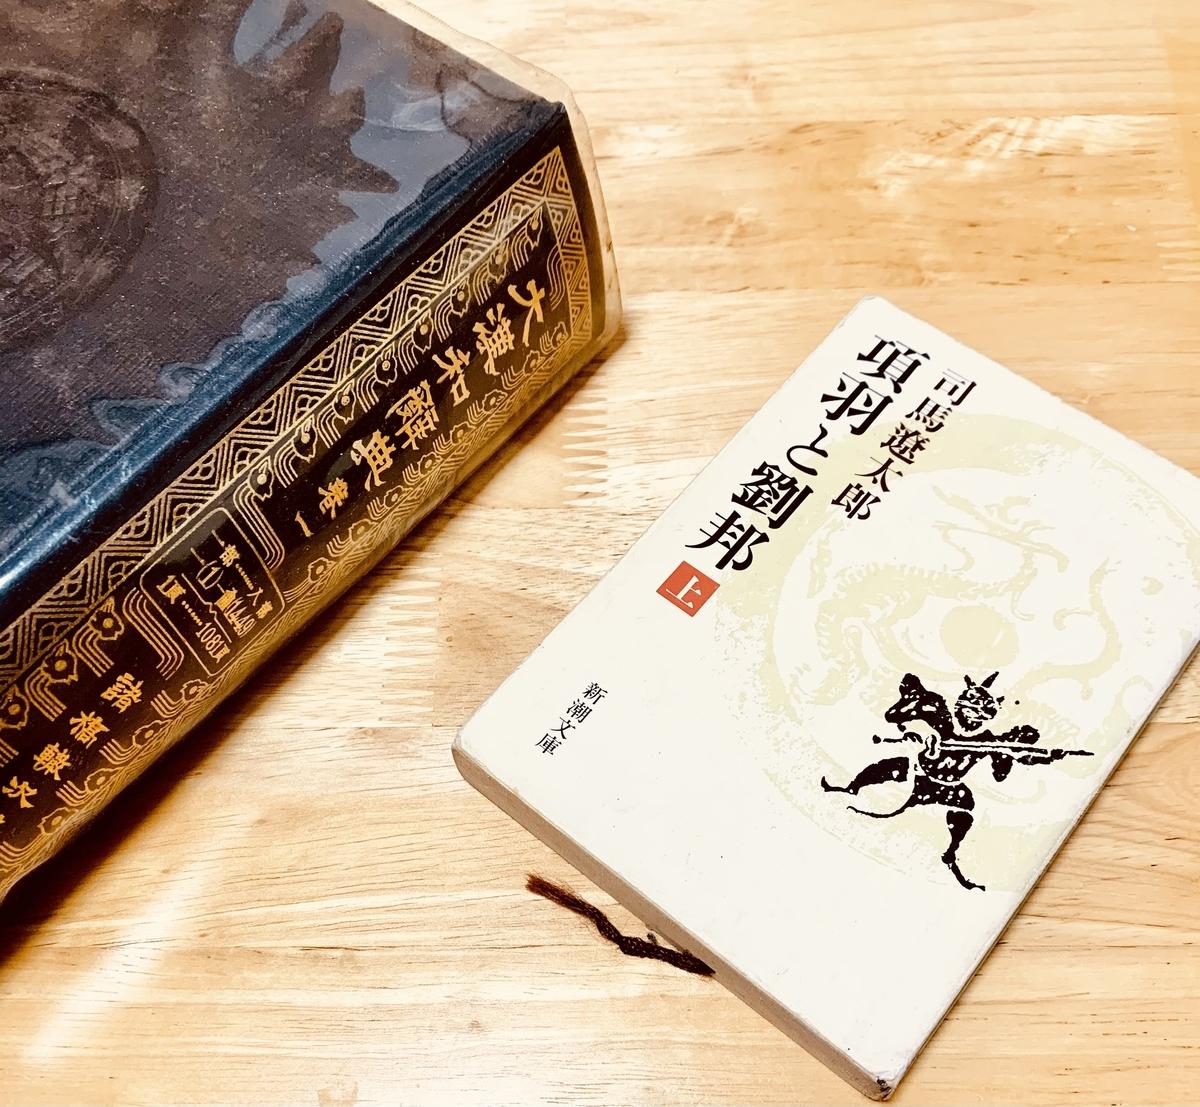 f:id:tushima_yumiko:20210112223901j:plain